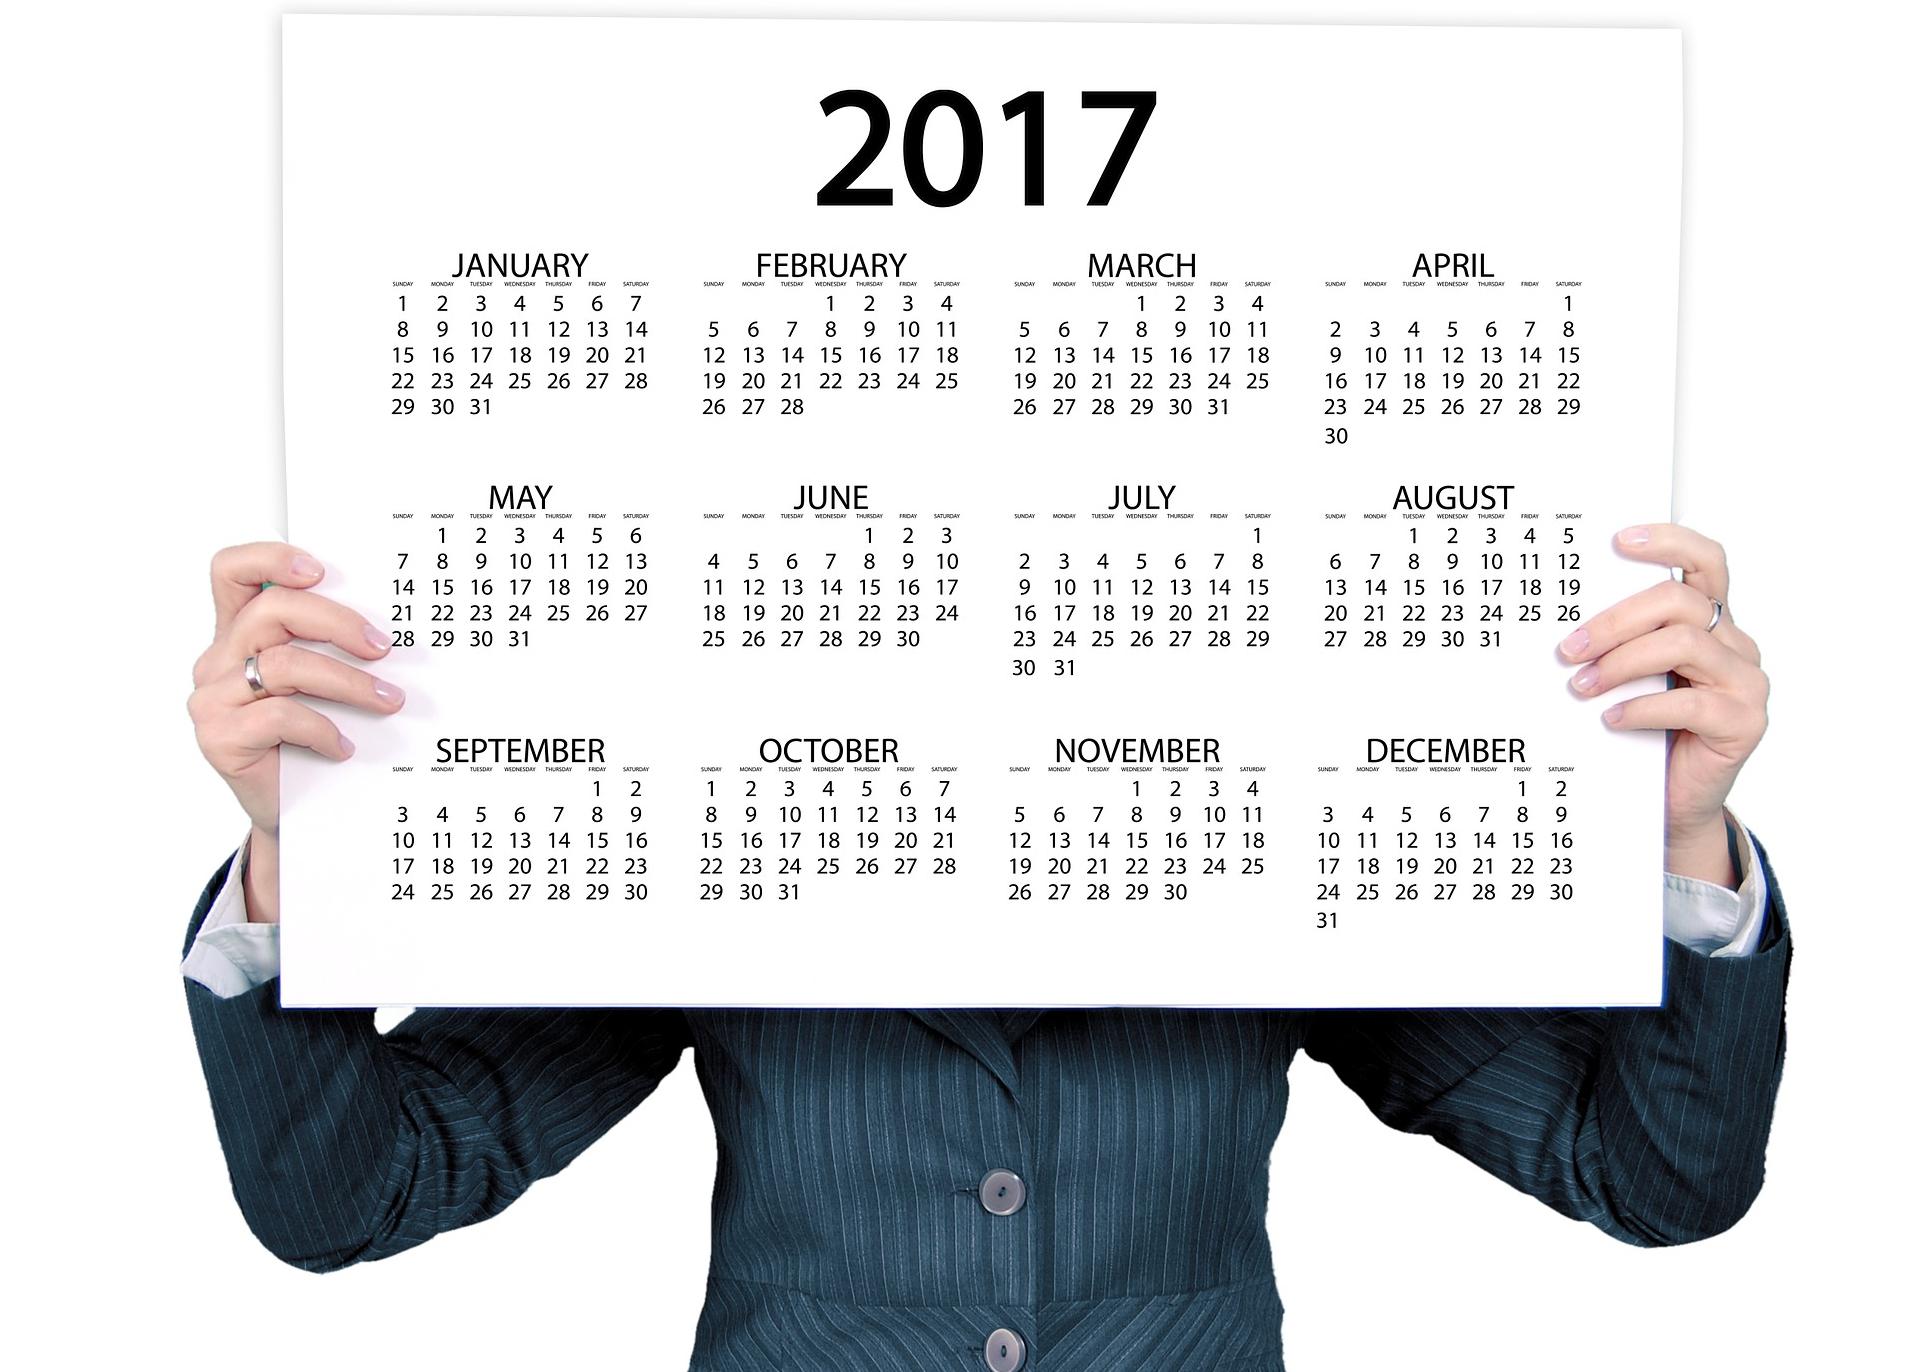 Get the schedule